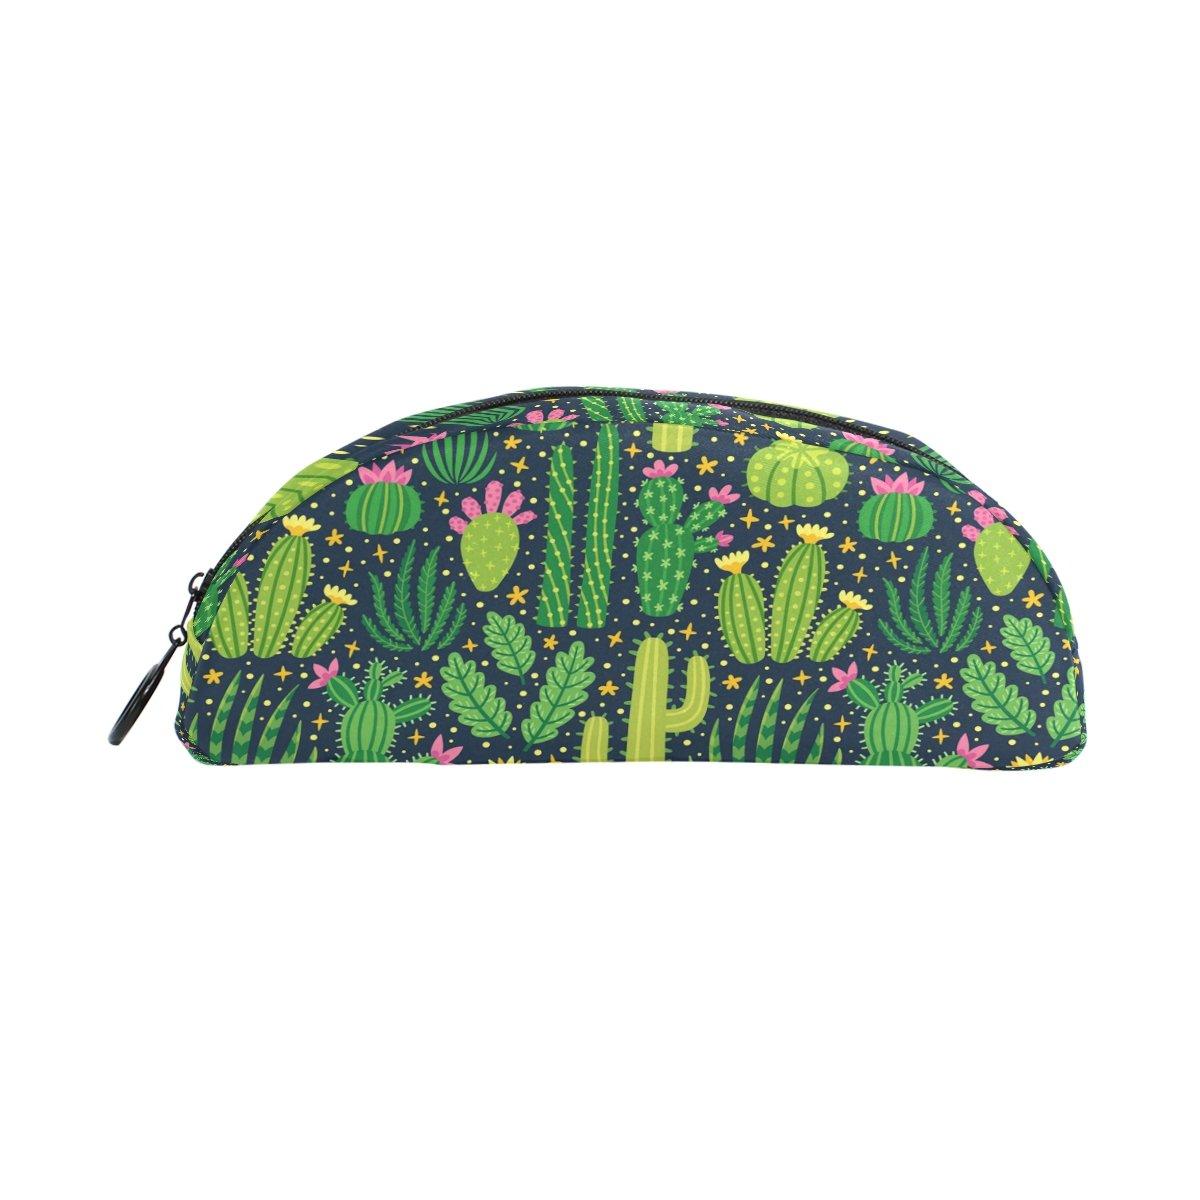 ZZKKO - Estuche para bolígrafo con cremallera, diseño de cactus de verano para niños, niñas, adolescentes, adultos: Amazon.es: Oficina y papelería